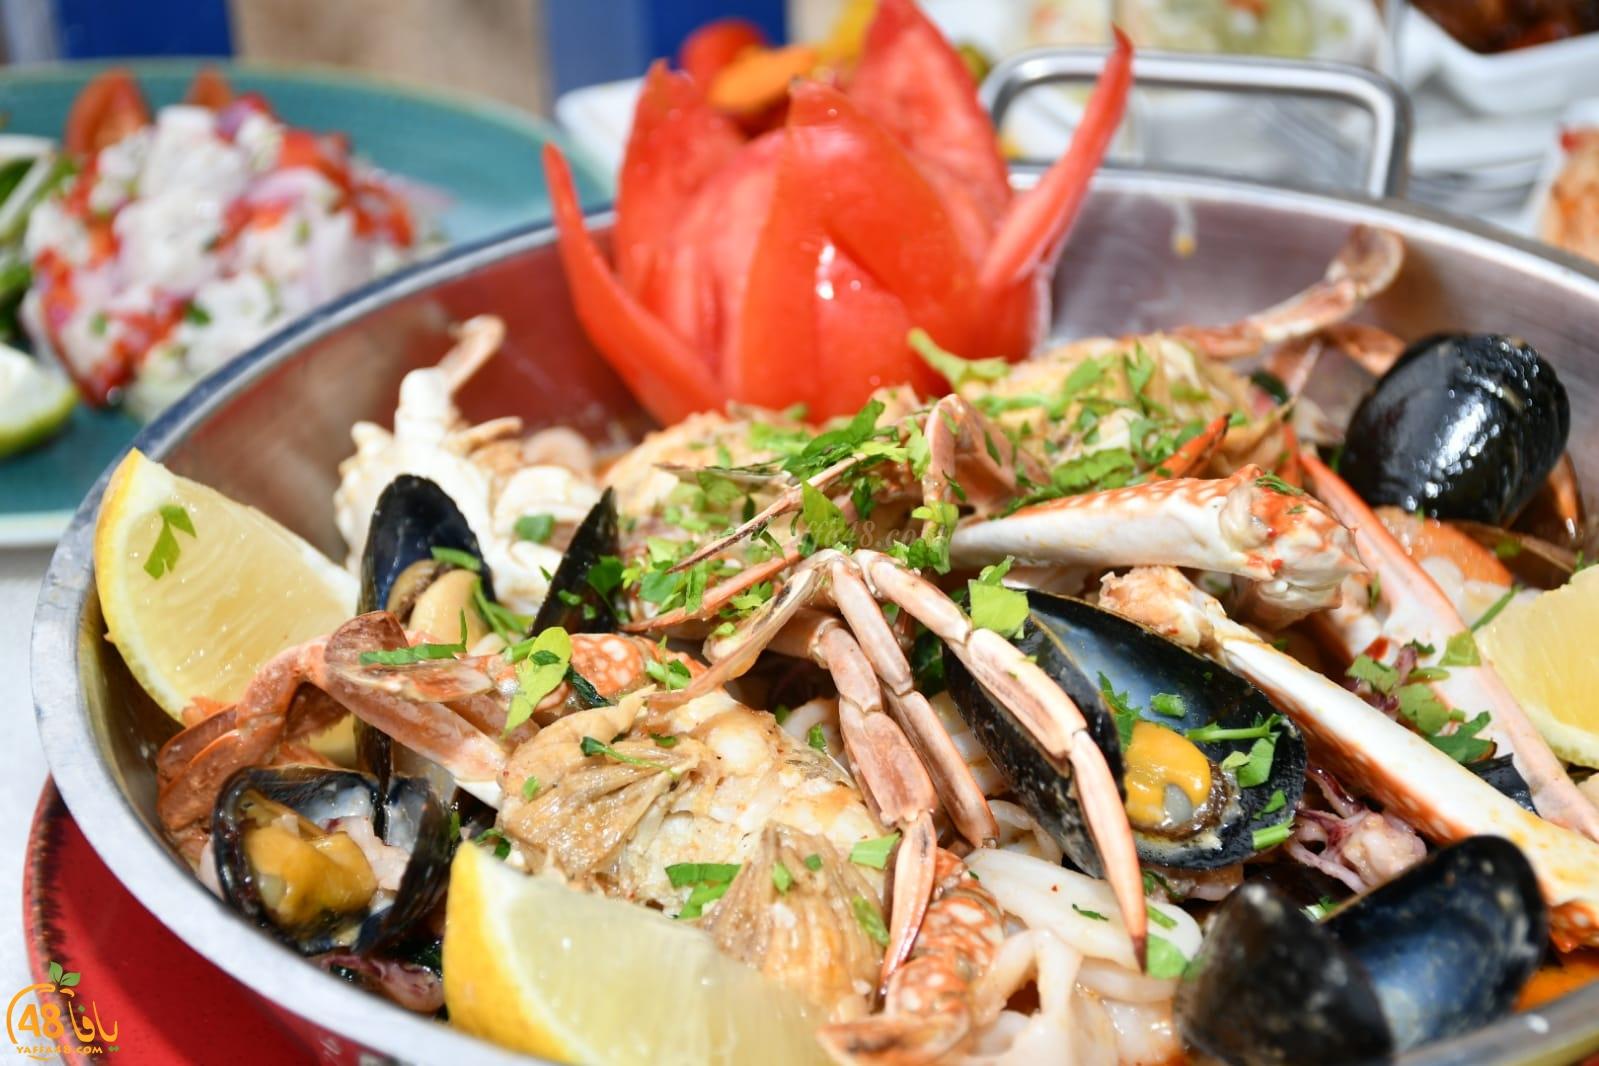 يافا: أشهى الوجبات البحرية الفاخرة في مطعم أبراج البلدة القديمة